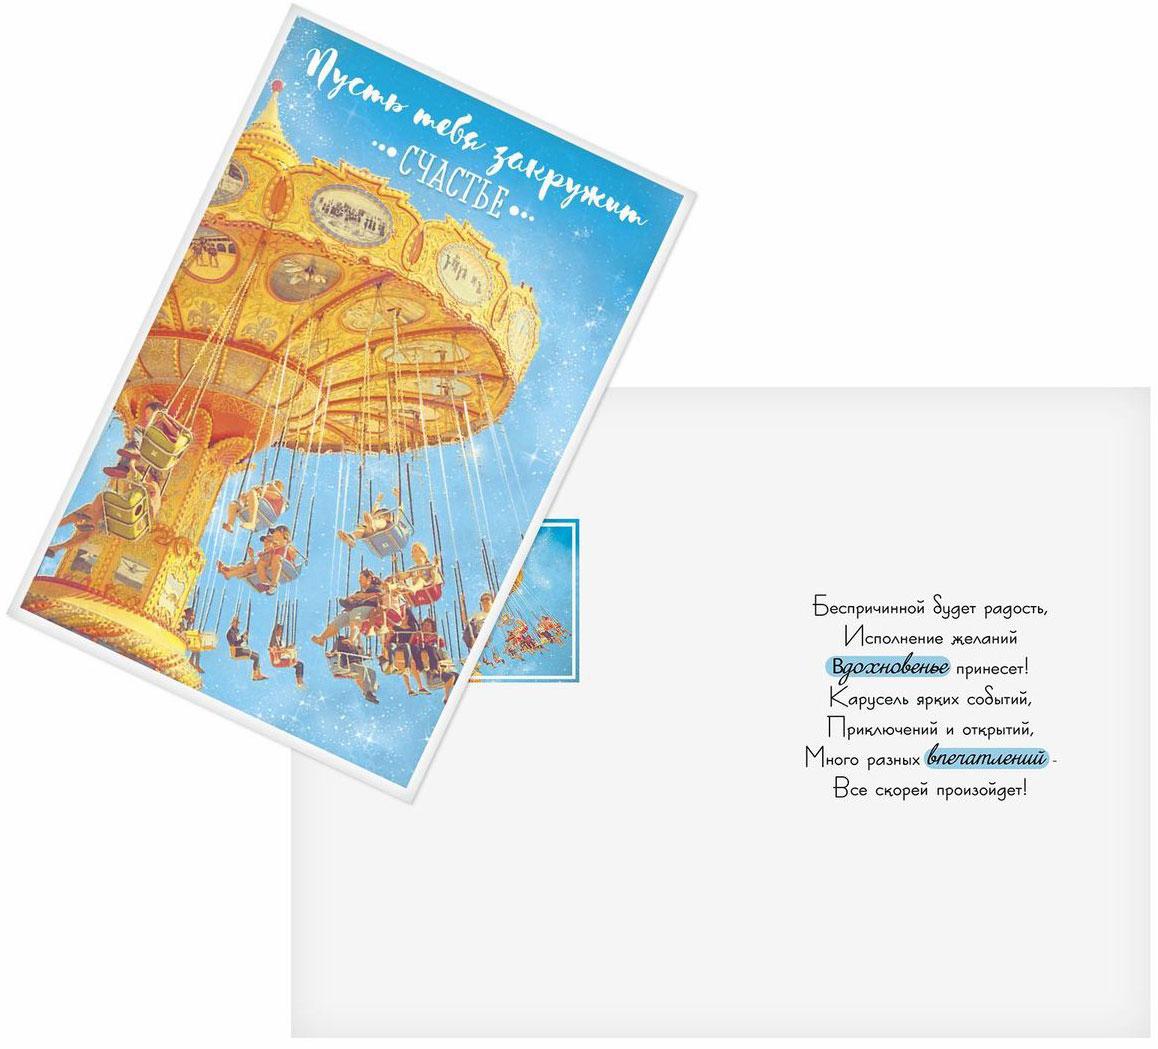 Открытка Дарите cчастье Карусель счастья, 12 х 18 см1818864Атмосферу праздника создают детали: свечи, цветы, бокалы, воздушные шары и поздравительные открытки - яркие и весёлые, романтичные и нежные, милые и трогательные.Расскажите о своих чувствах дорогому для вас человеку, поделитесь радостью с близкими и друзьями. Открытка с креативным дизайном вам в этом поможет.